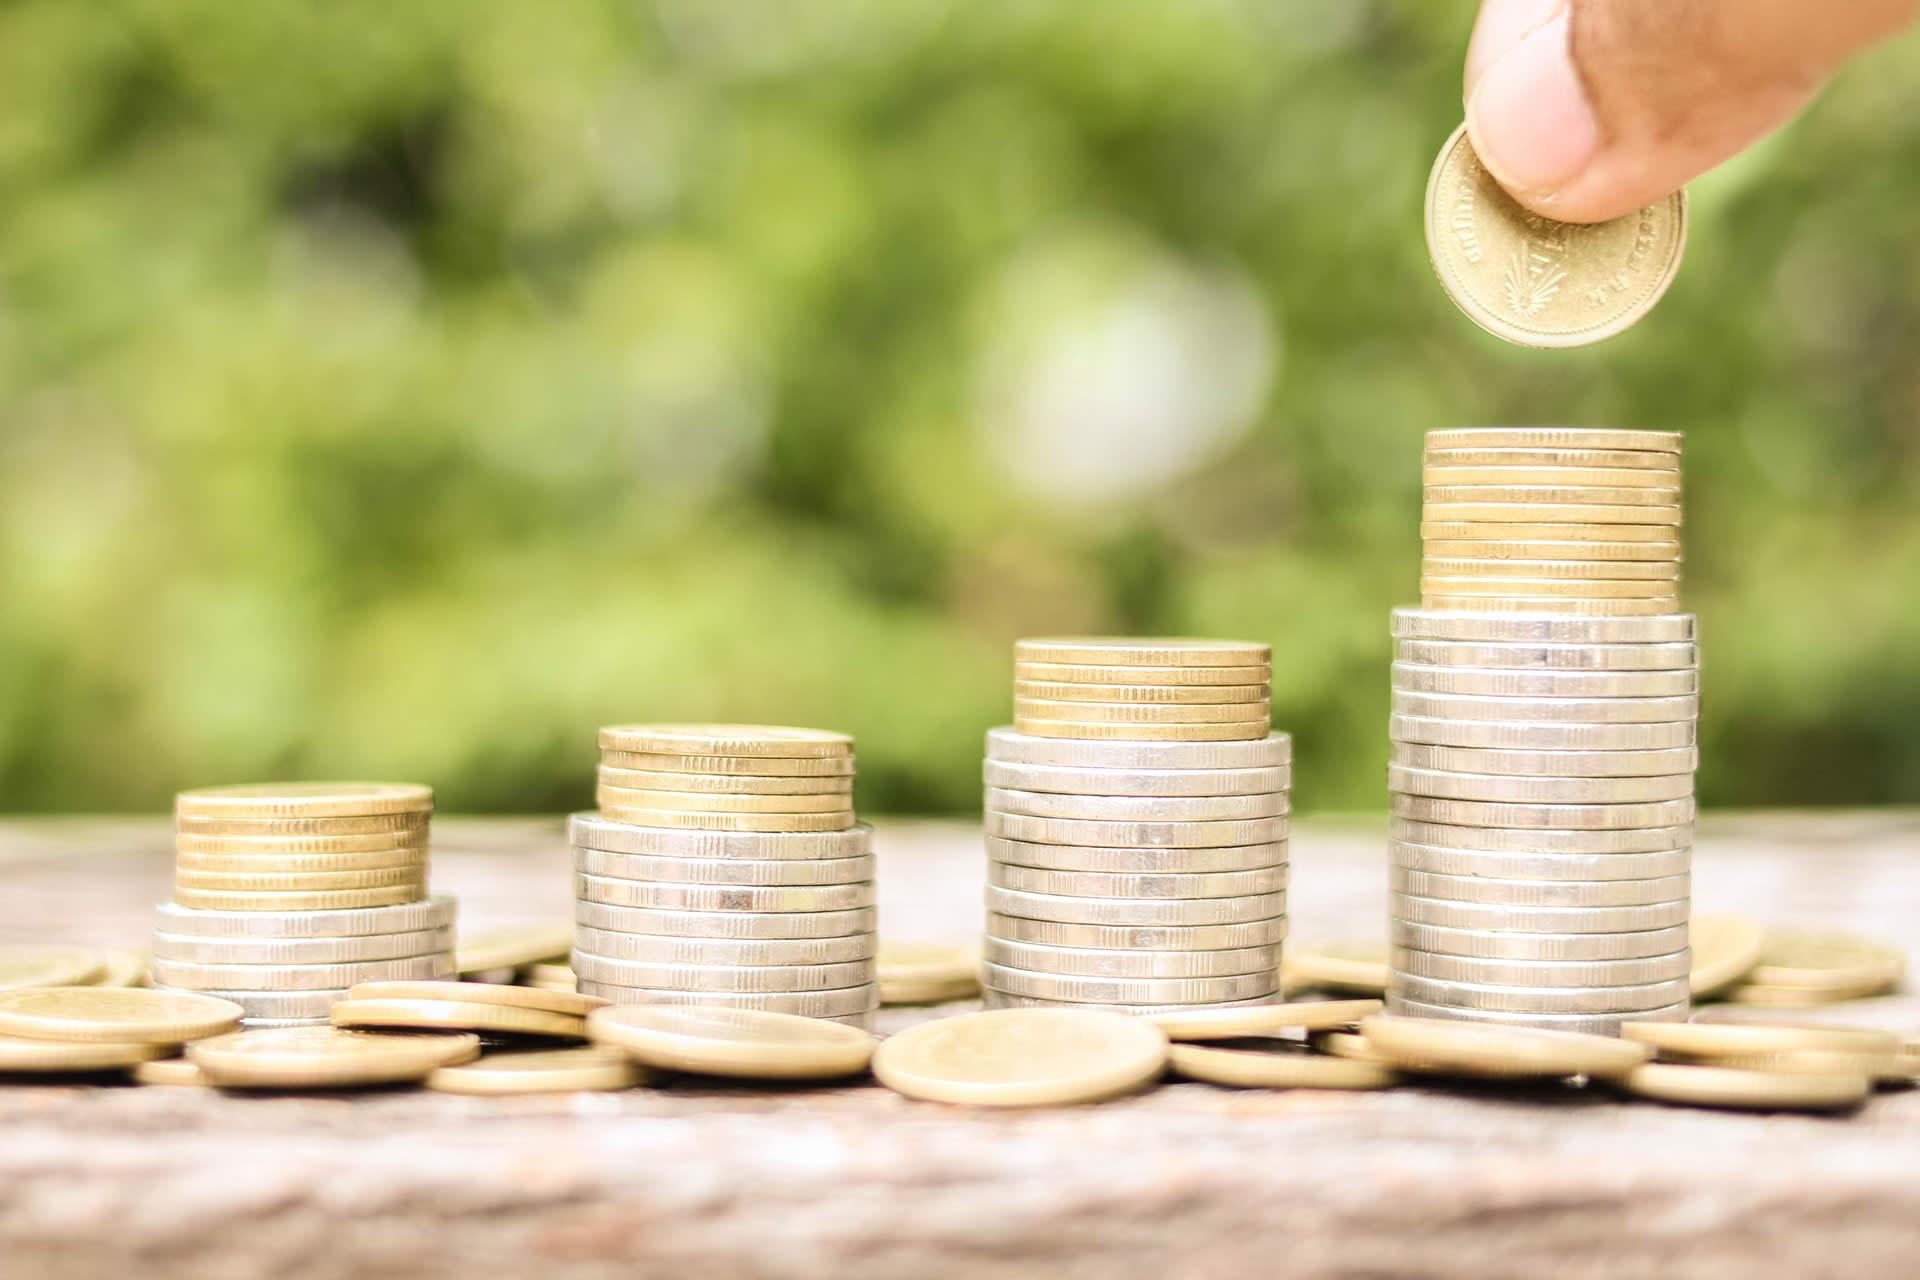 En 2020, el promedio del ingreso corriente trimestral por hogar fue de 50 309 pesos, a diferencia del promedio de 53 418 pesos observado en 2018